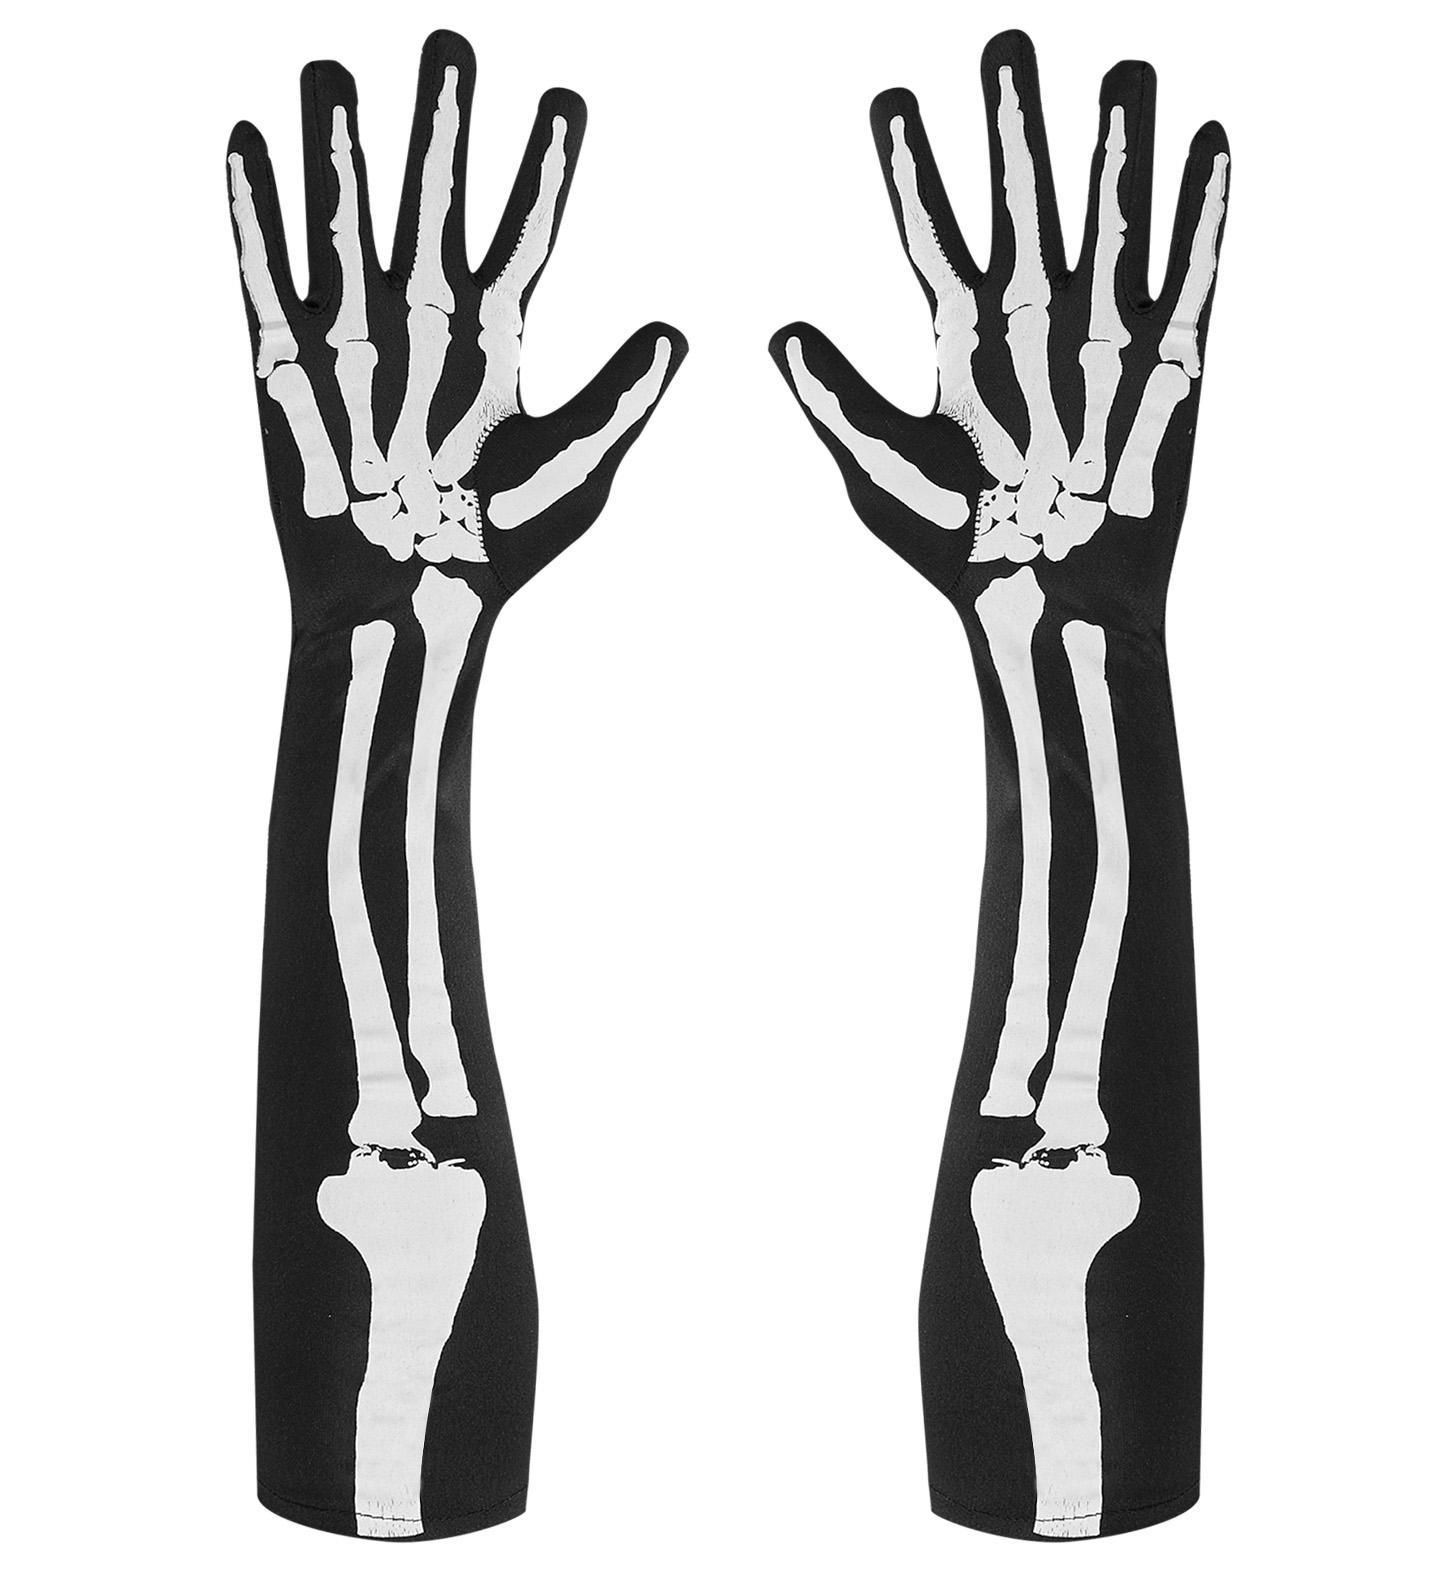 Groß Knochen In Unterarm Ideen - Menschliche Anatomie Bilder ...